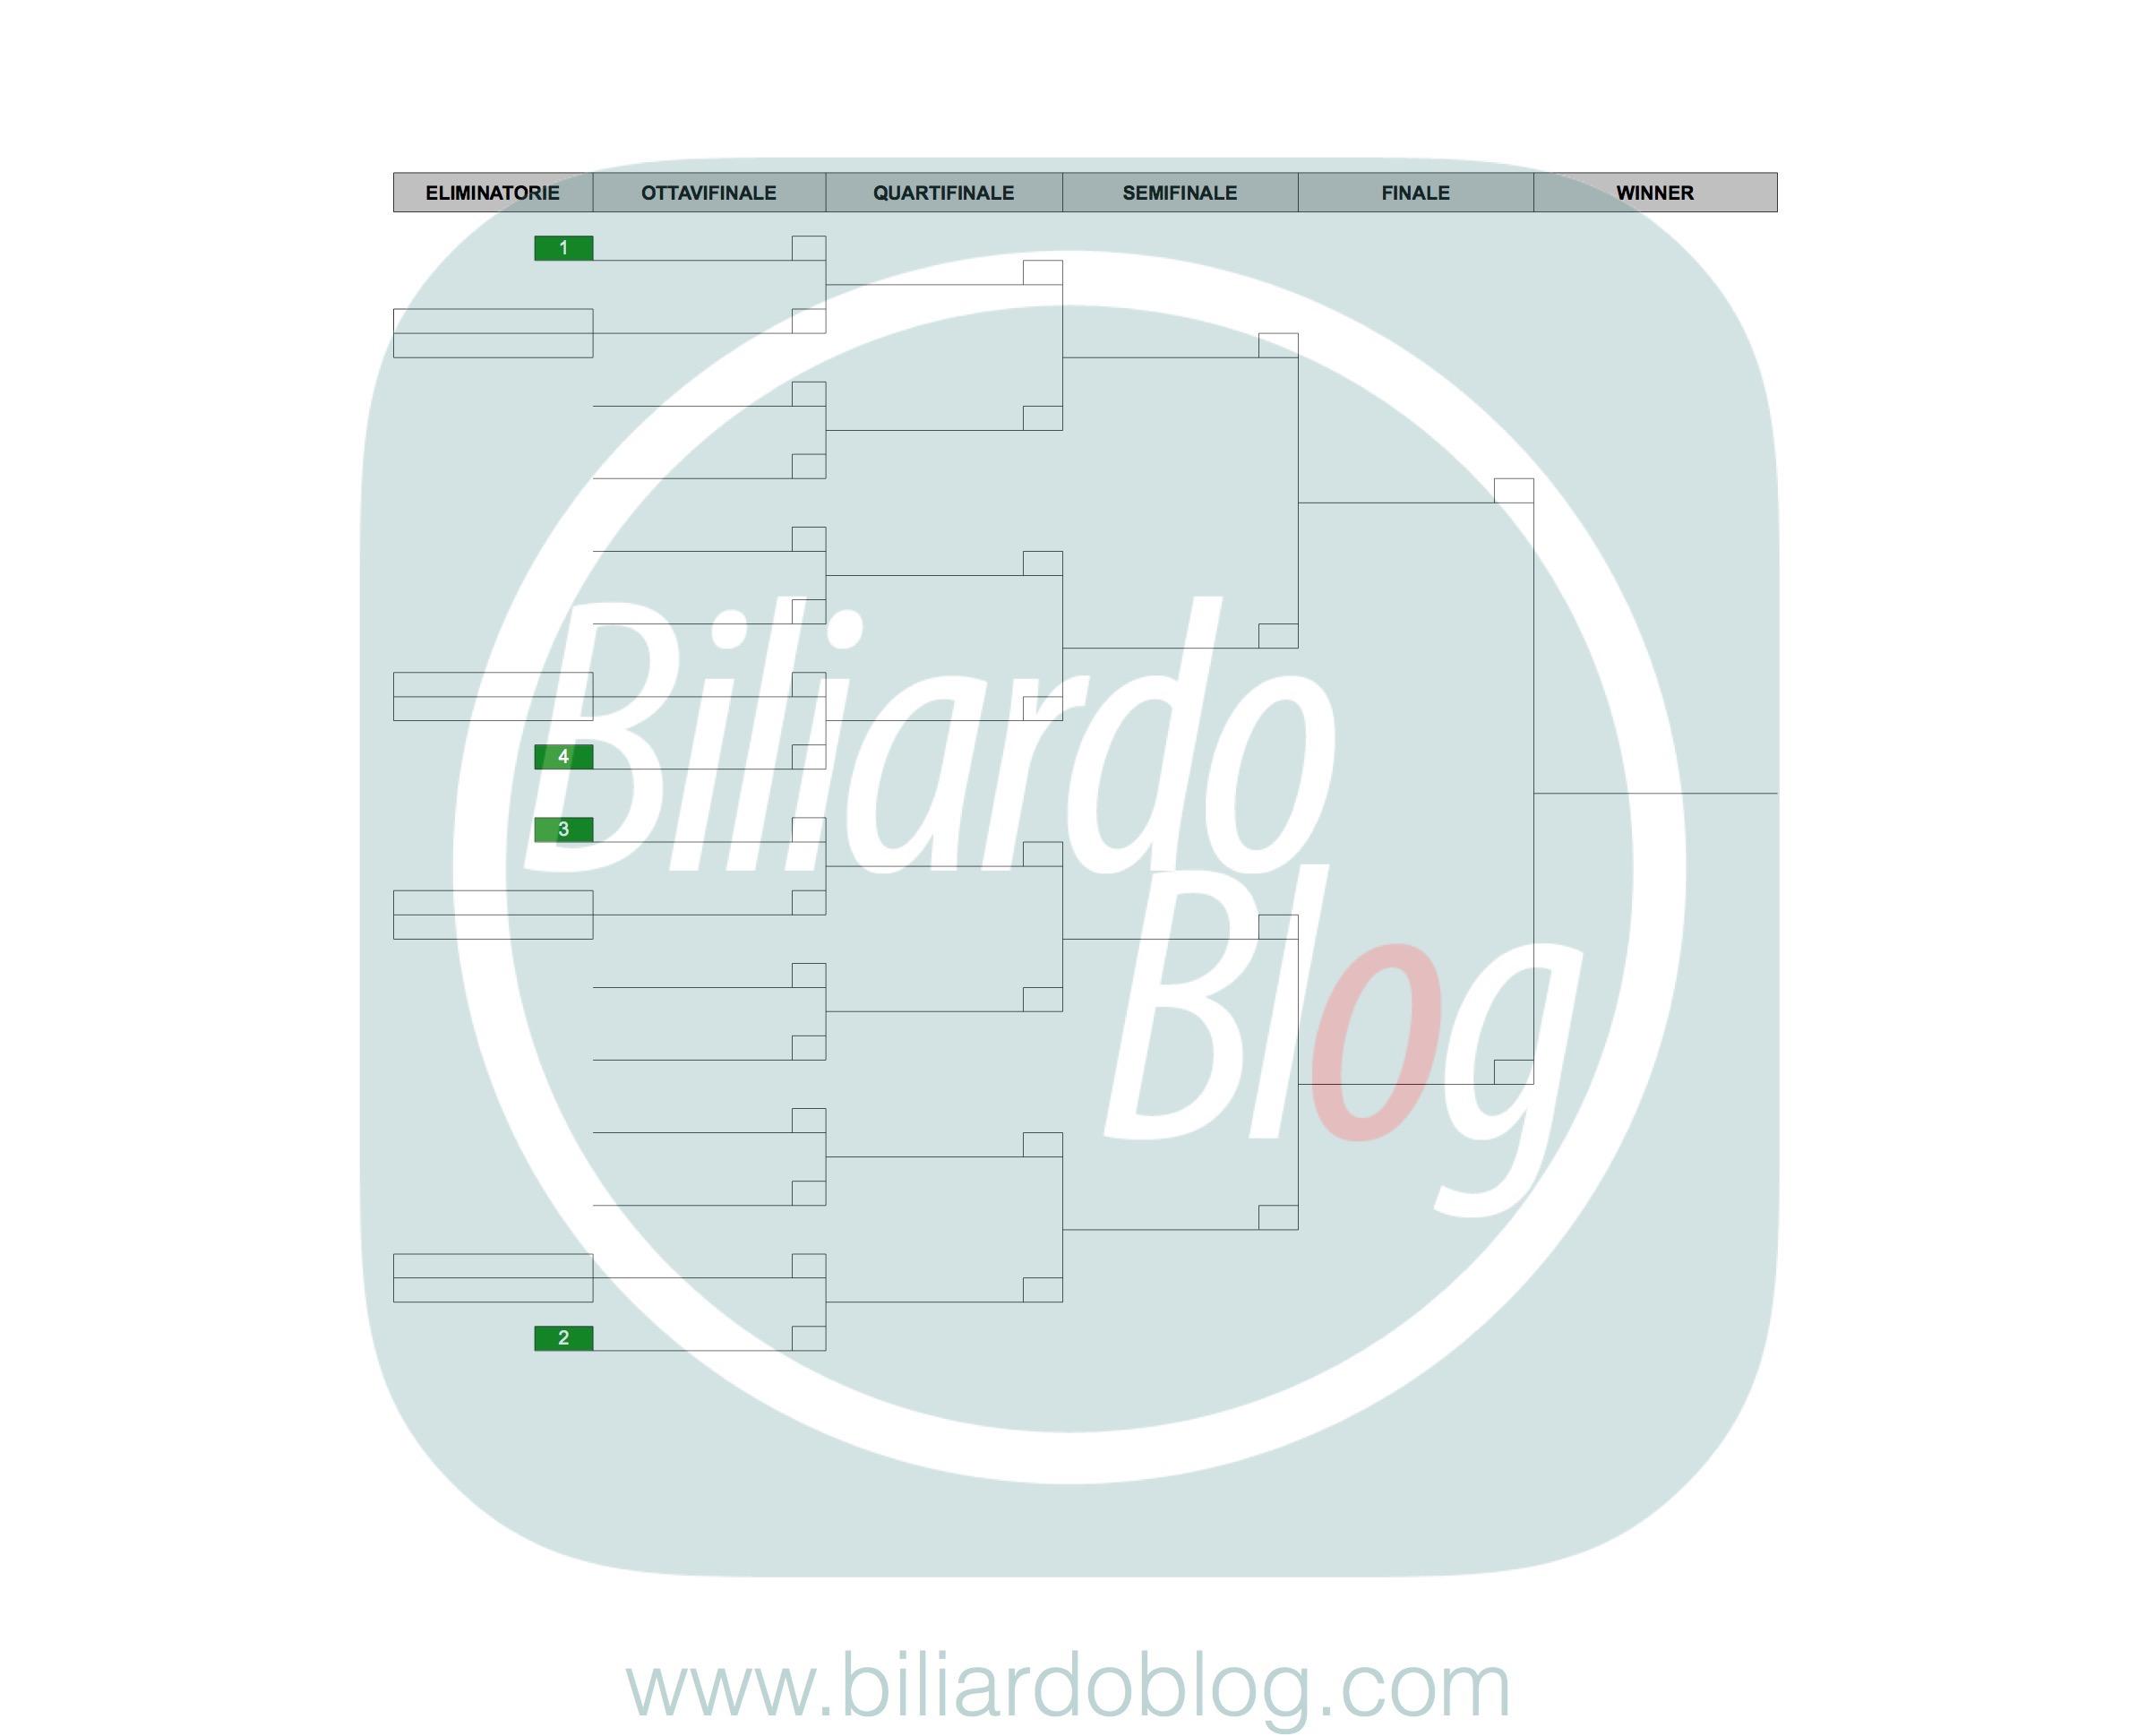 Campionato Italiano di Biliardo 2016-2017: i Pro